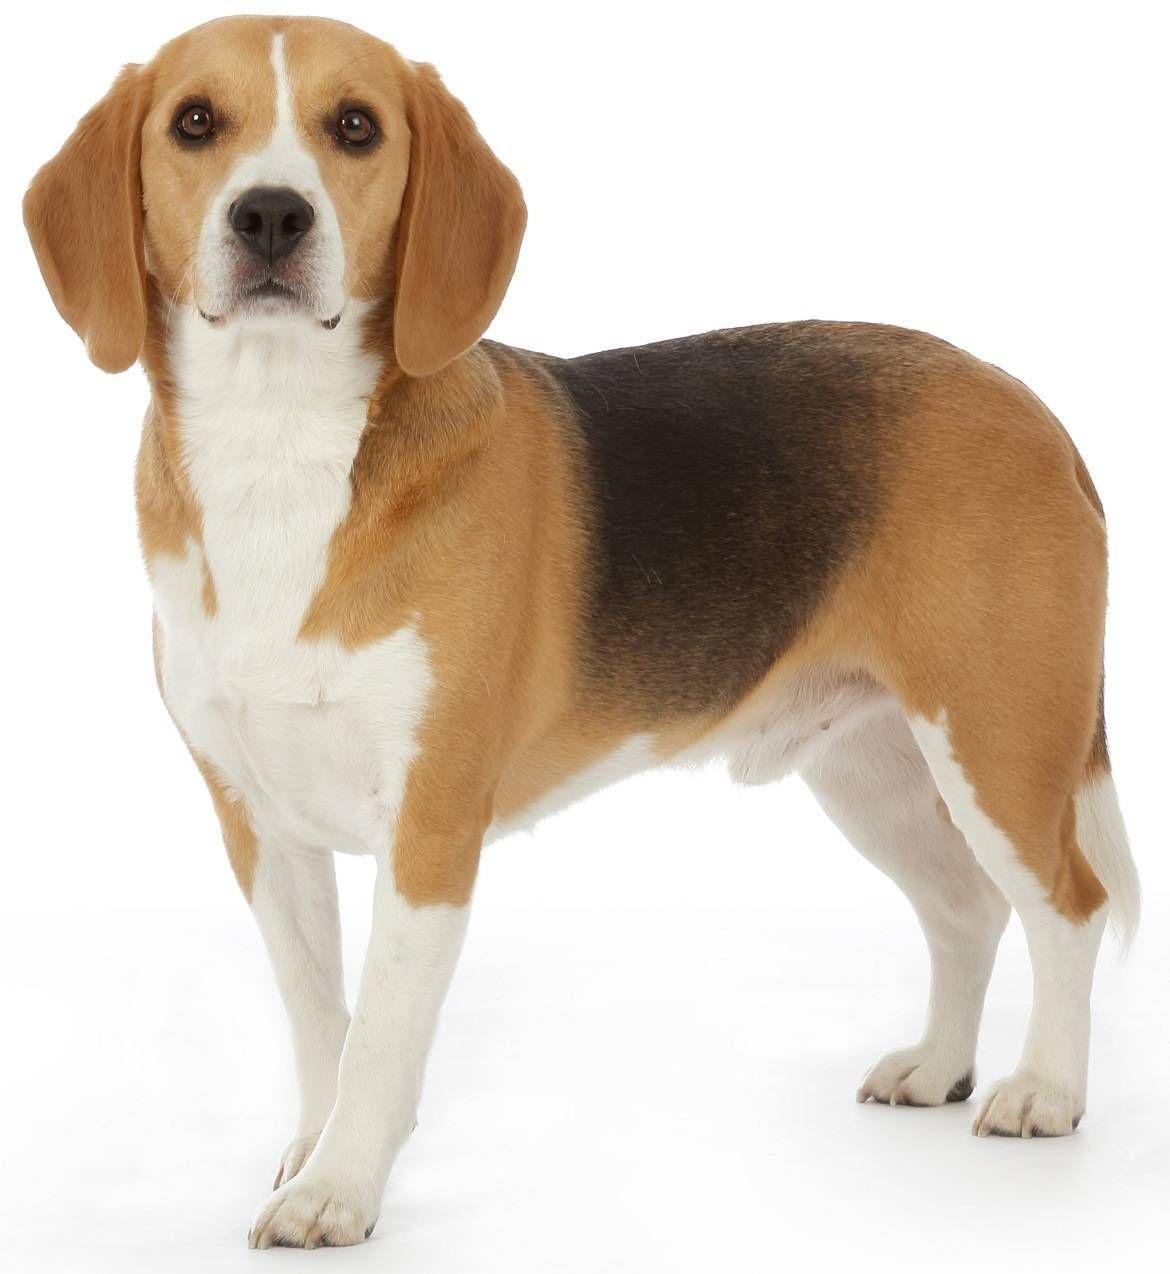 Beagle Beagle Dog Breed Beagle Puppy Beagle Dog